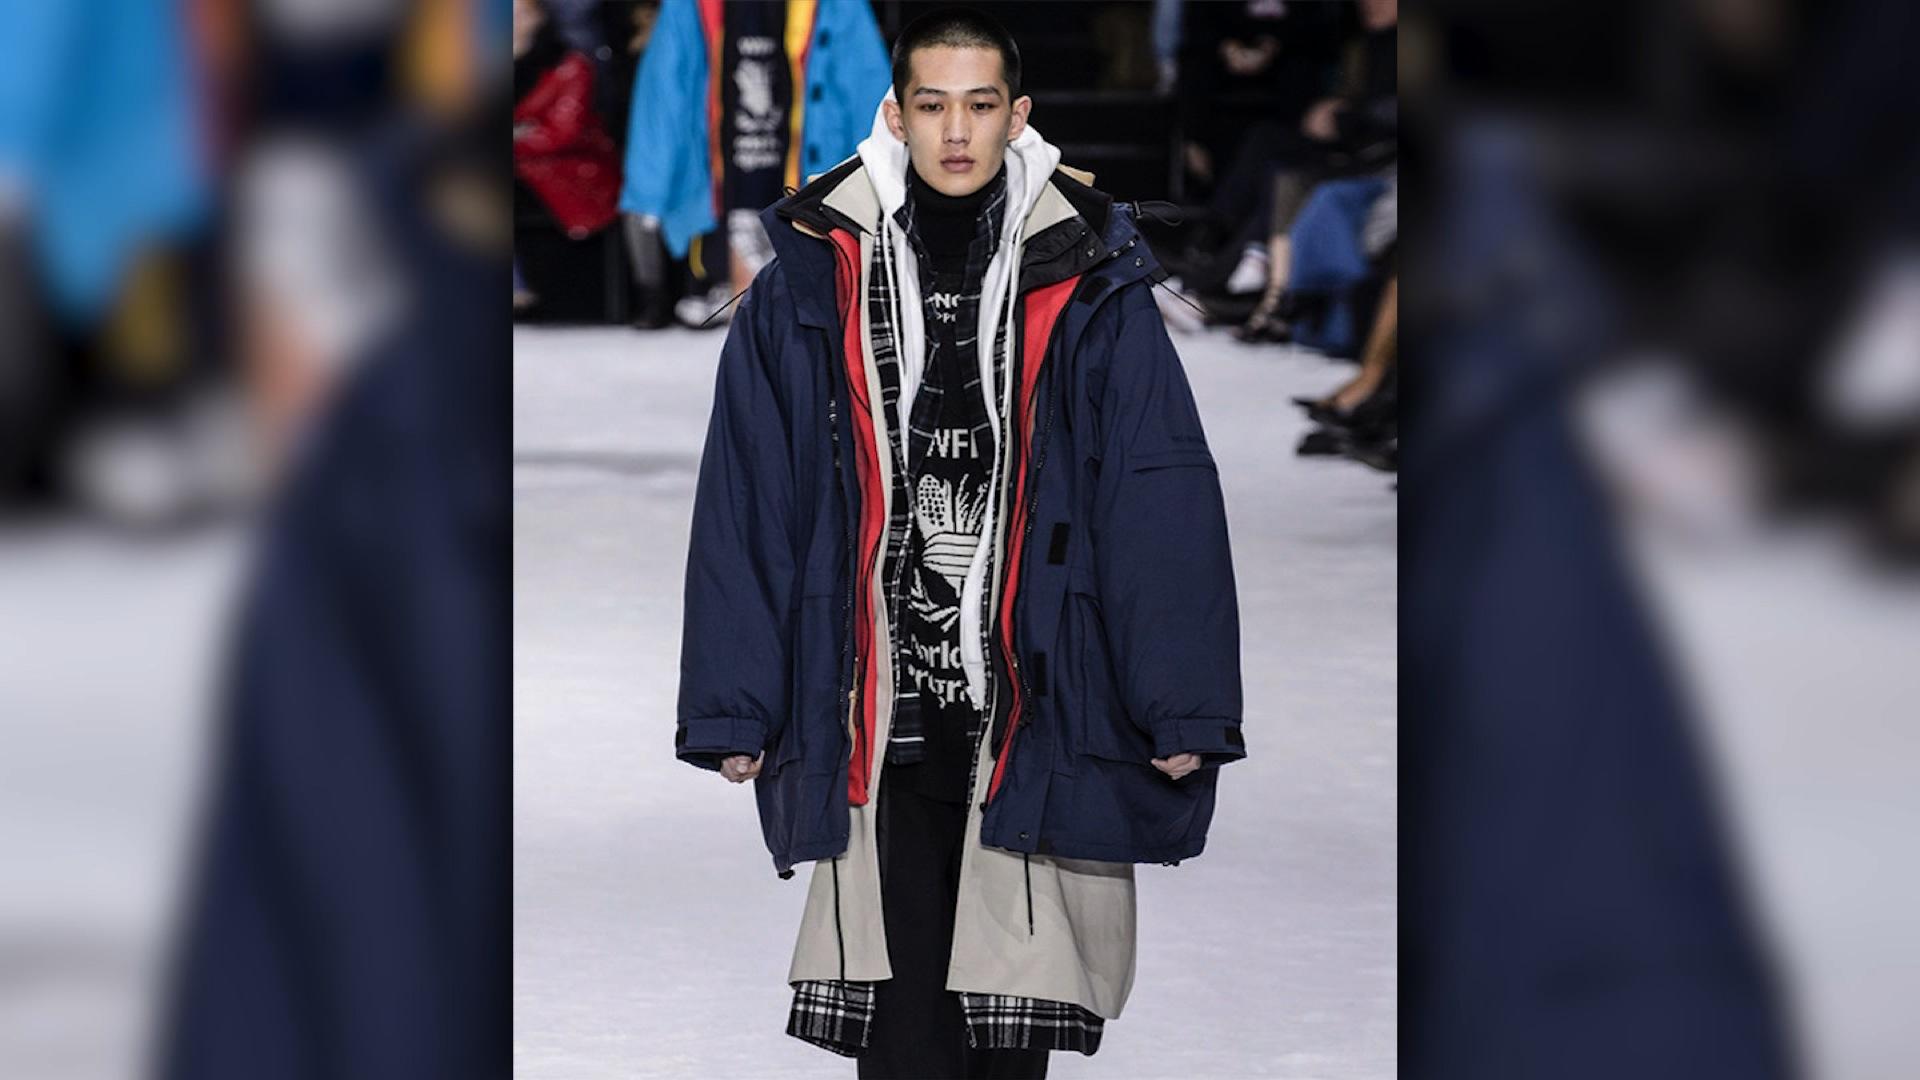 b002503af Balenciaga sells seven layer coat for $9,000